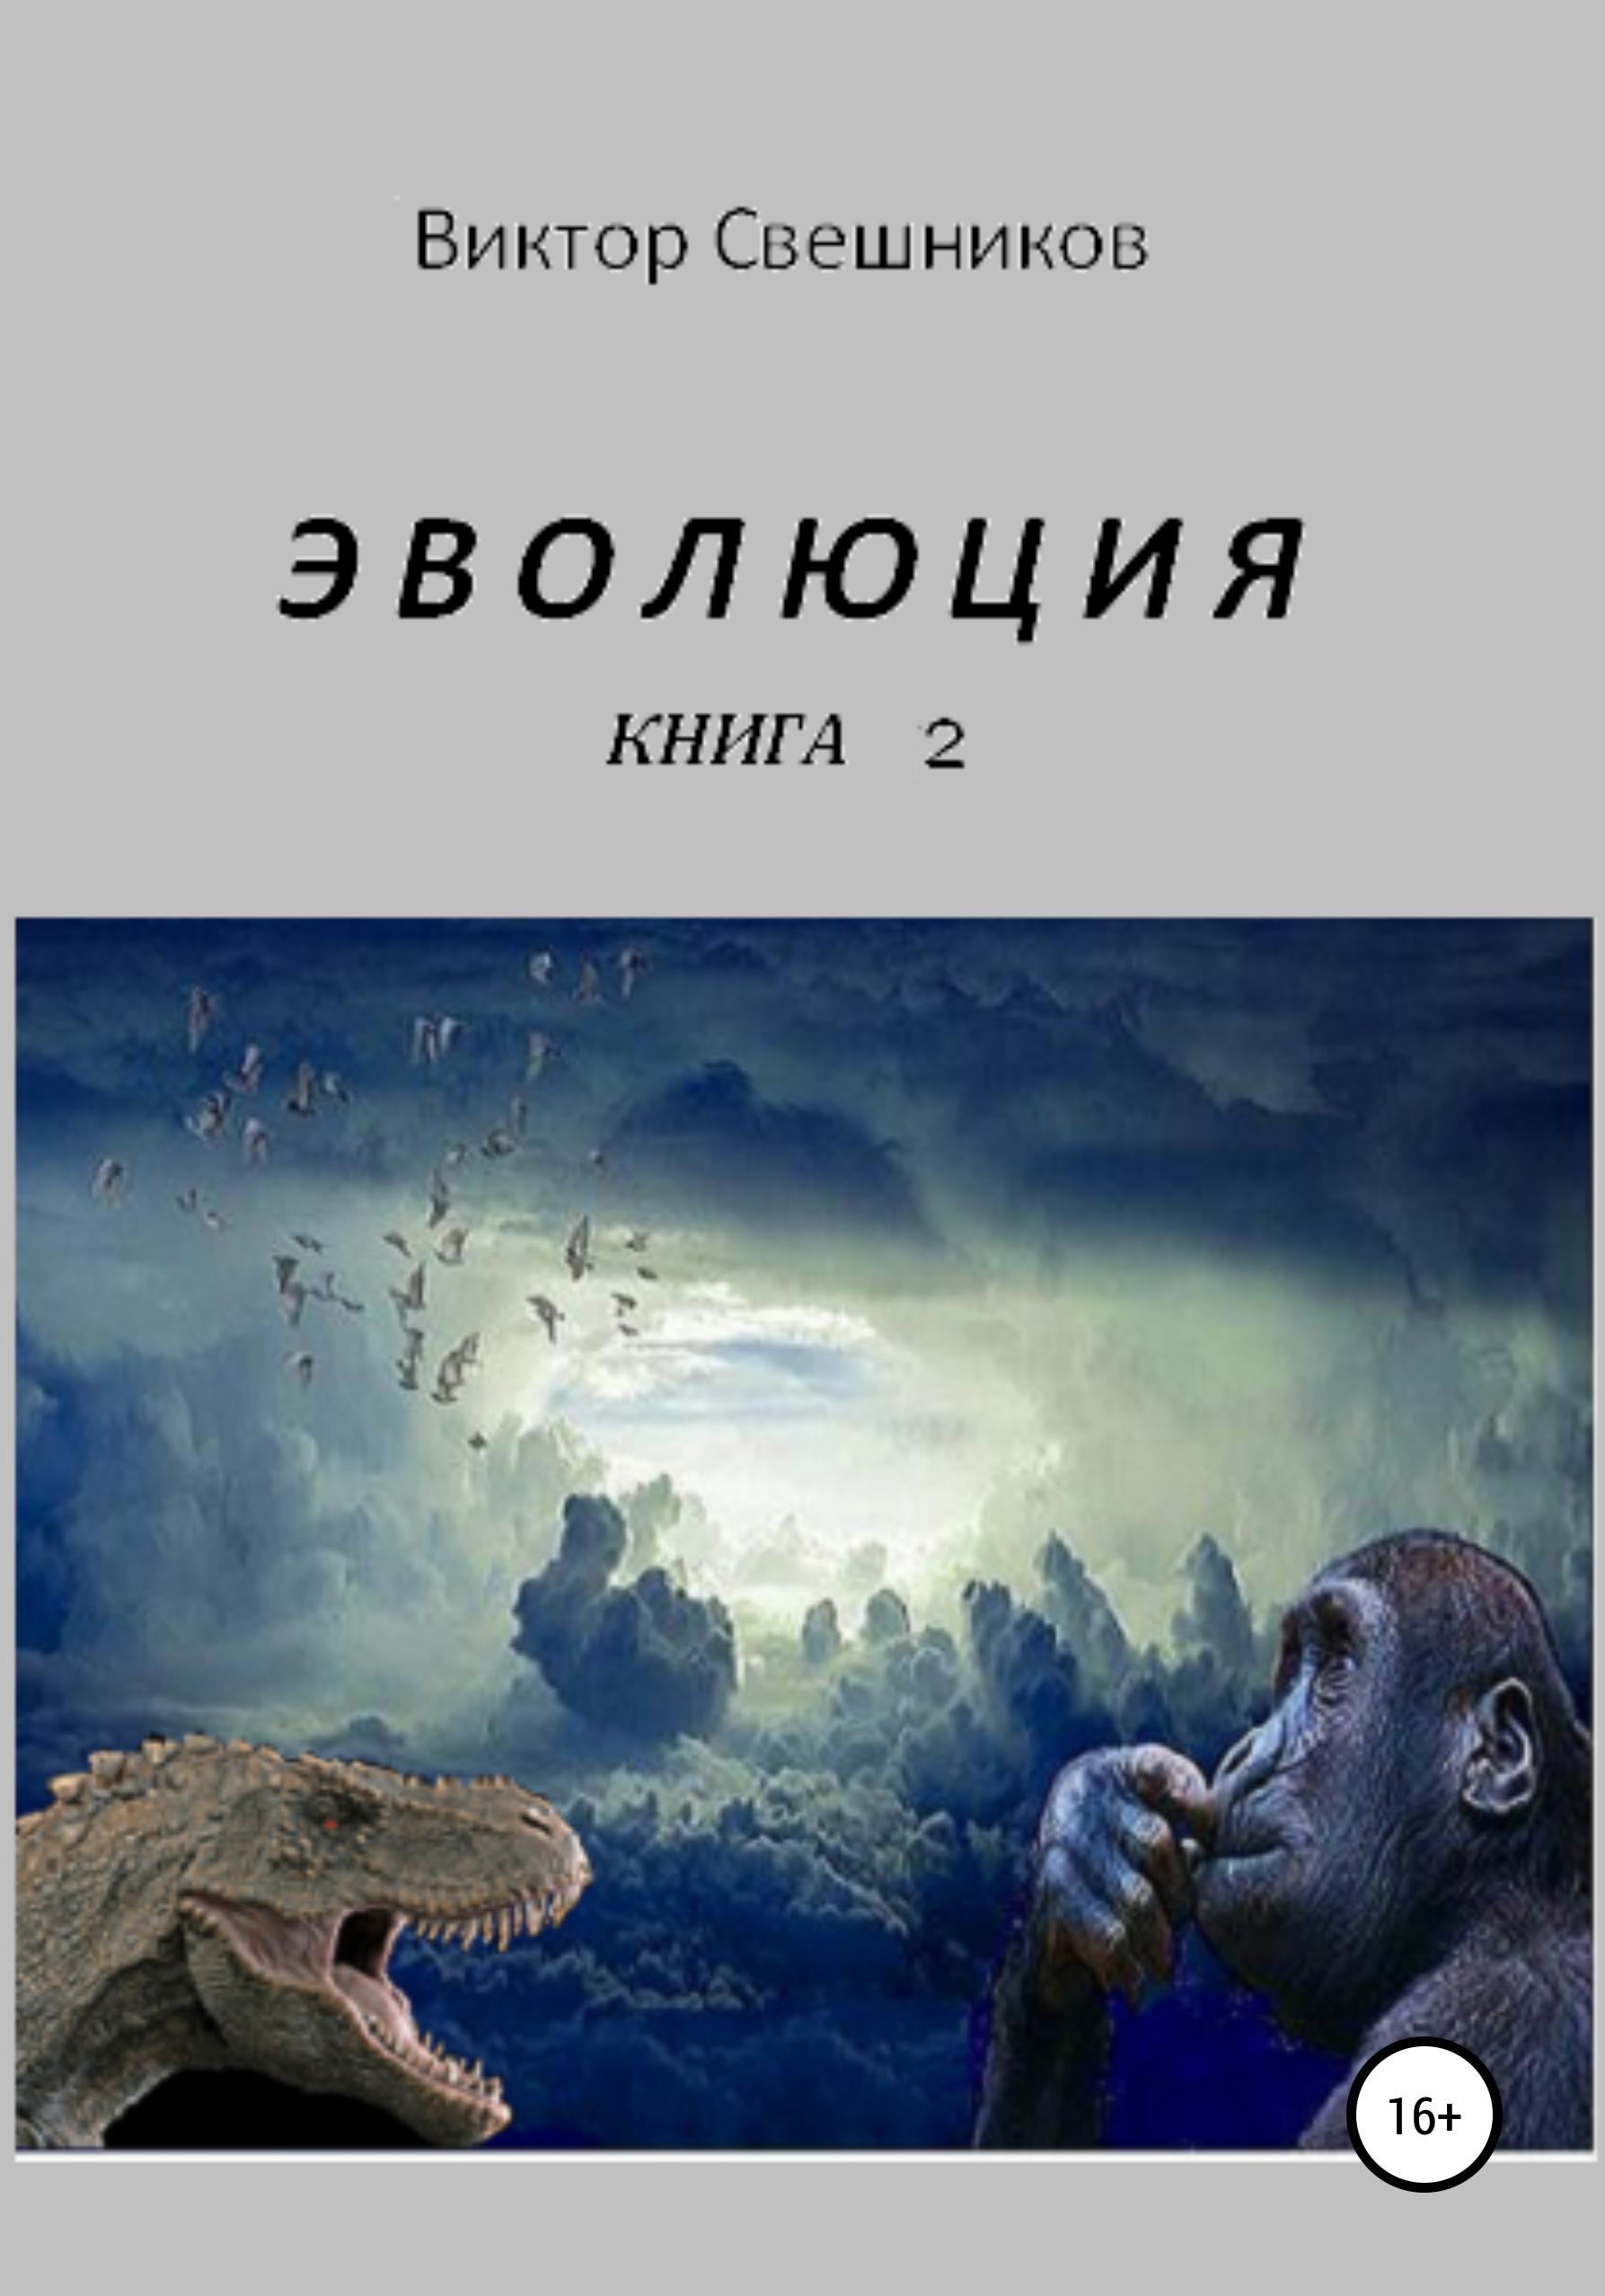 Купить книгу ЭВОЛЮЦИЯ. Книга 2, автора Виктора Ивановича Свешникова